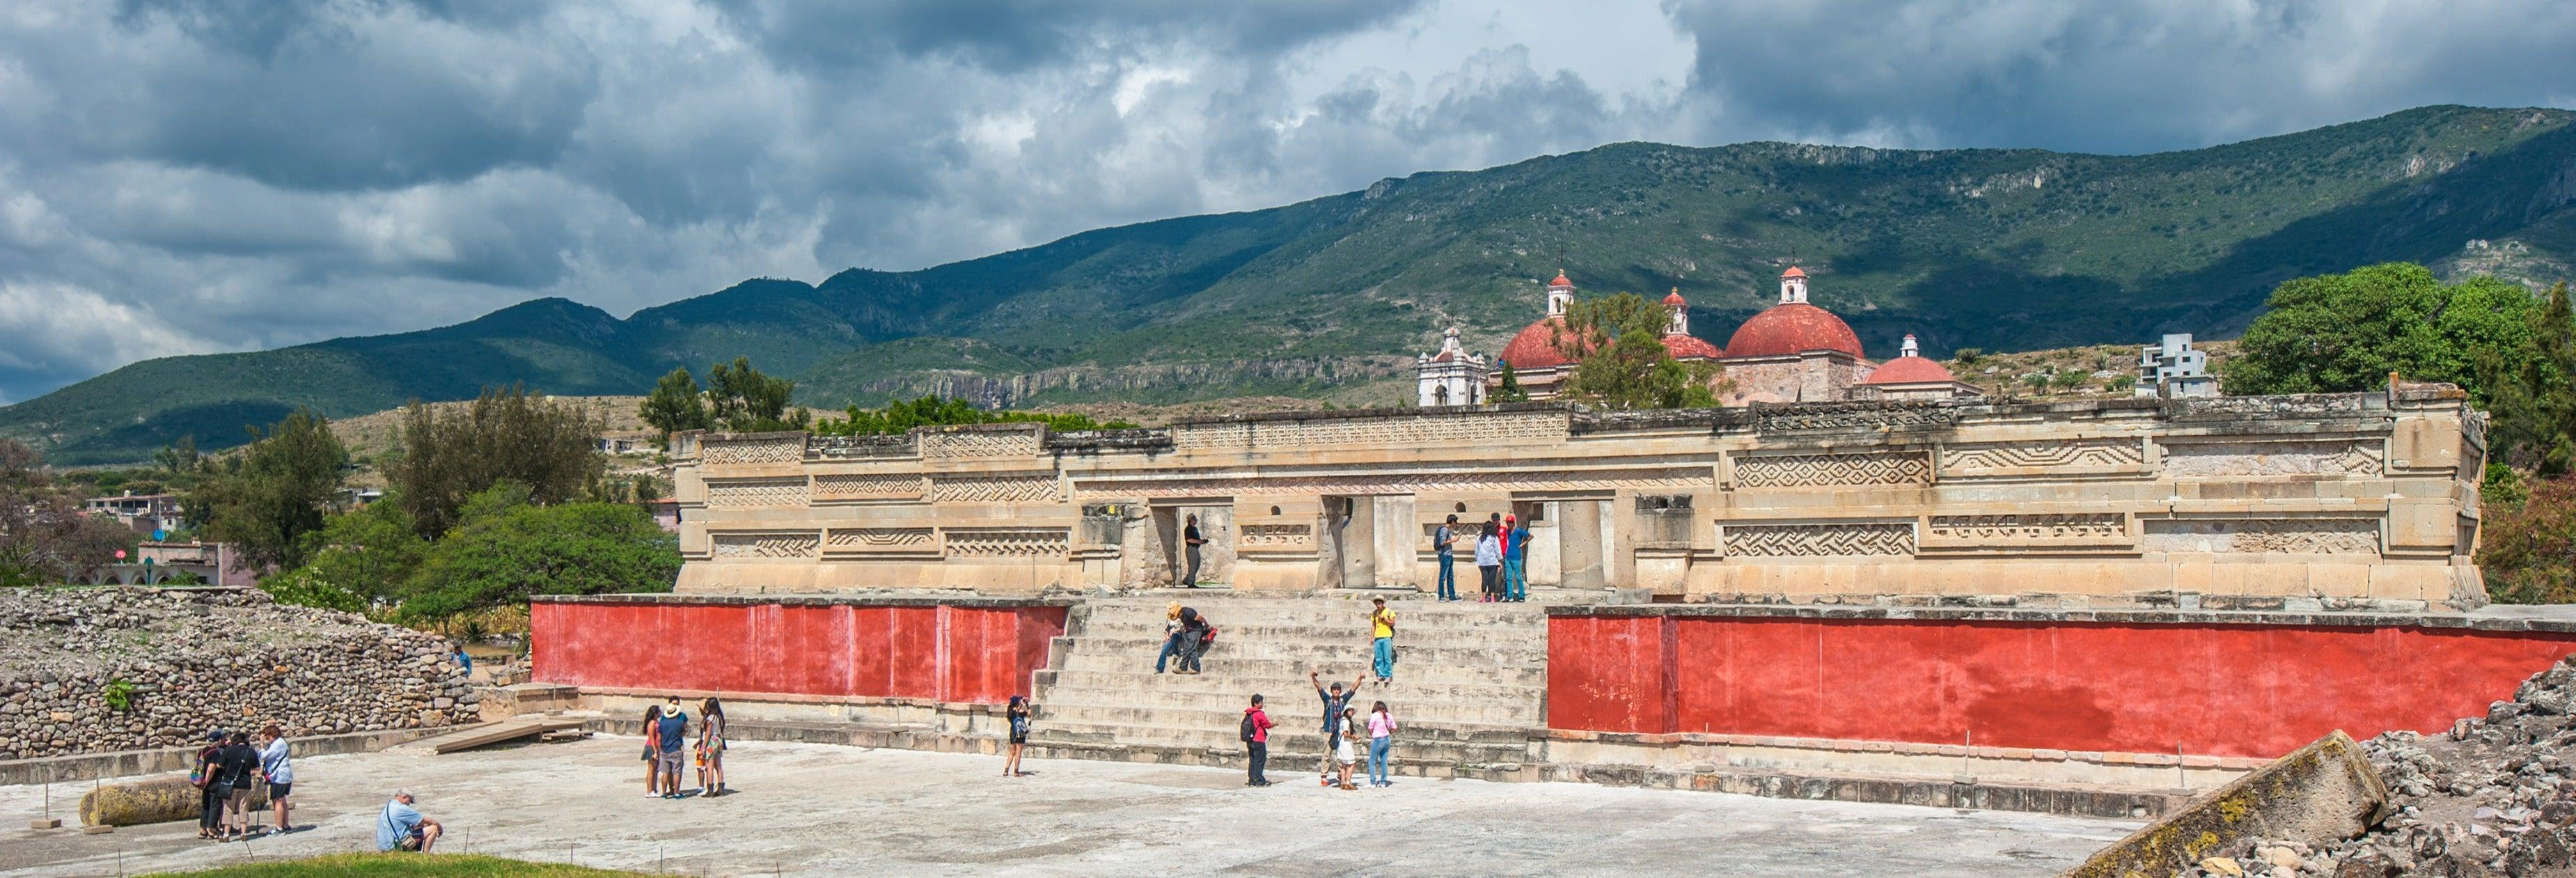 Excursion to Teotitlán del Valle, Mitla and Hierve el Agua